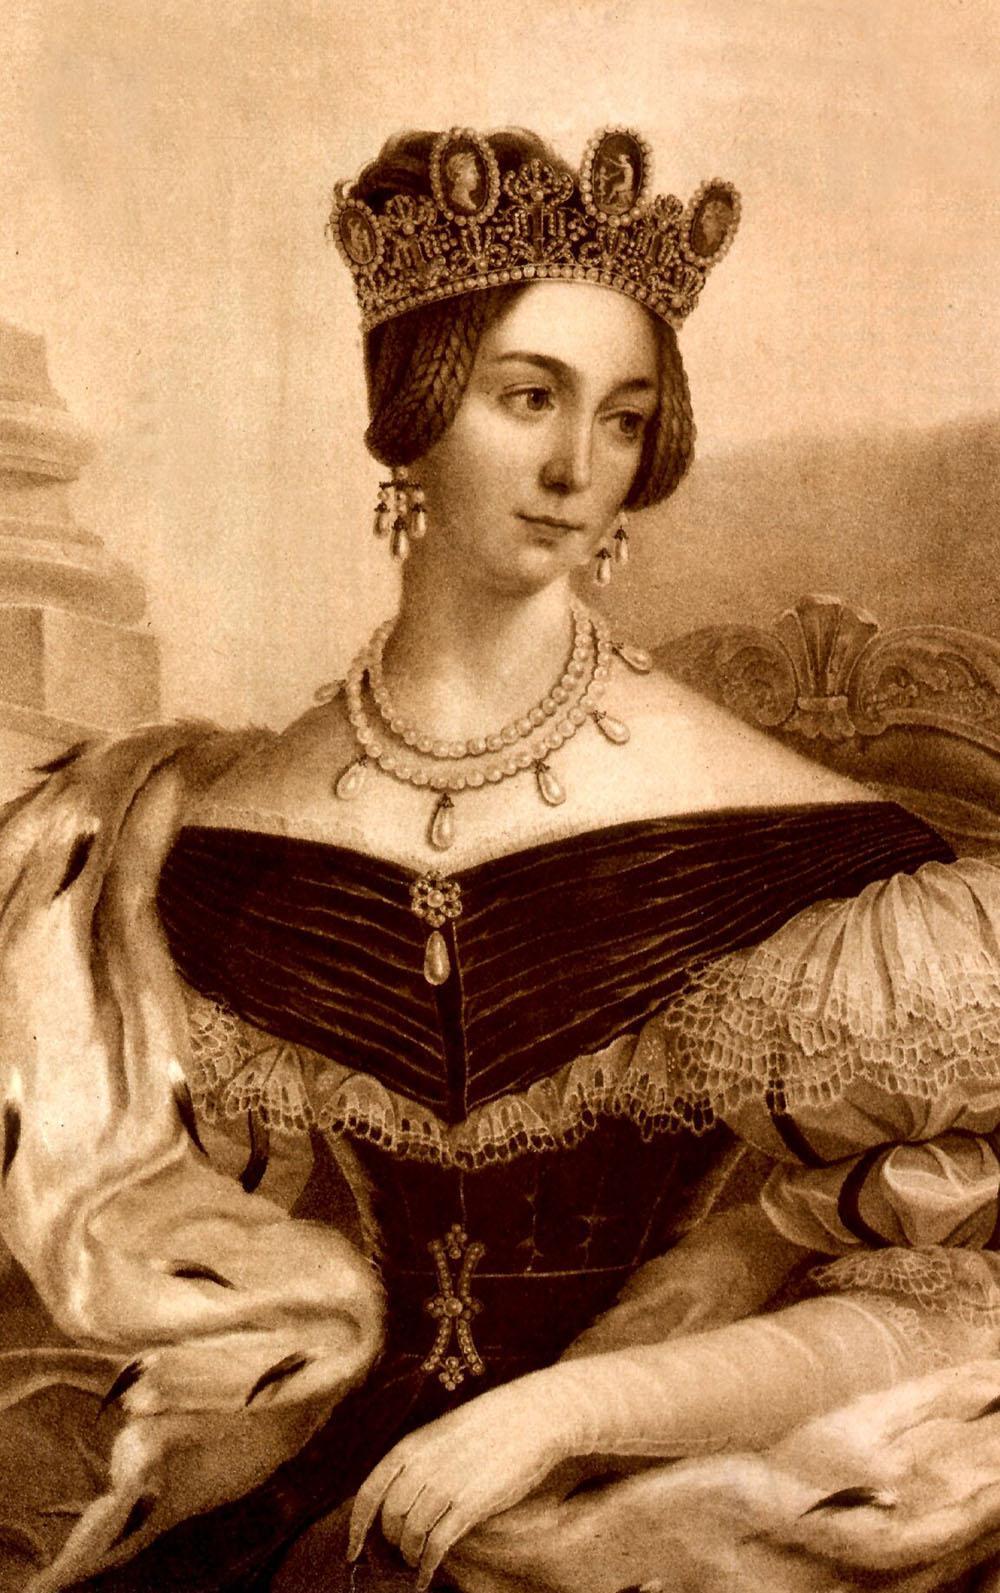 Drottning Josefina i galaklänning och det omtalade pärlhalsbandet som nu säljs på Sotheby's. I håret bär hon det vackra kamédiademet som Josefina bar på sitt bröllop med blivande Oscar I.